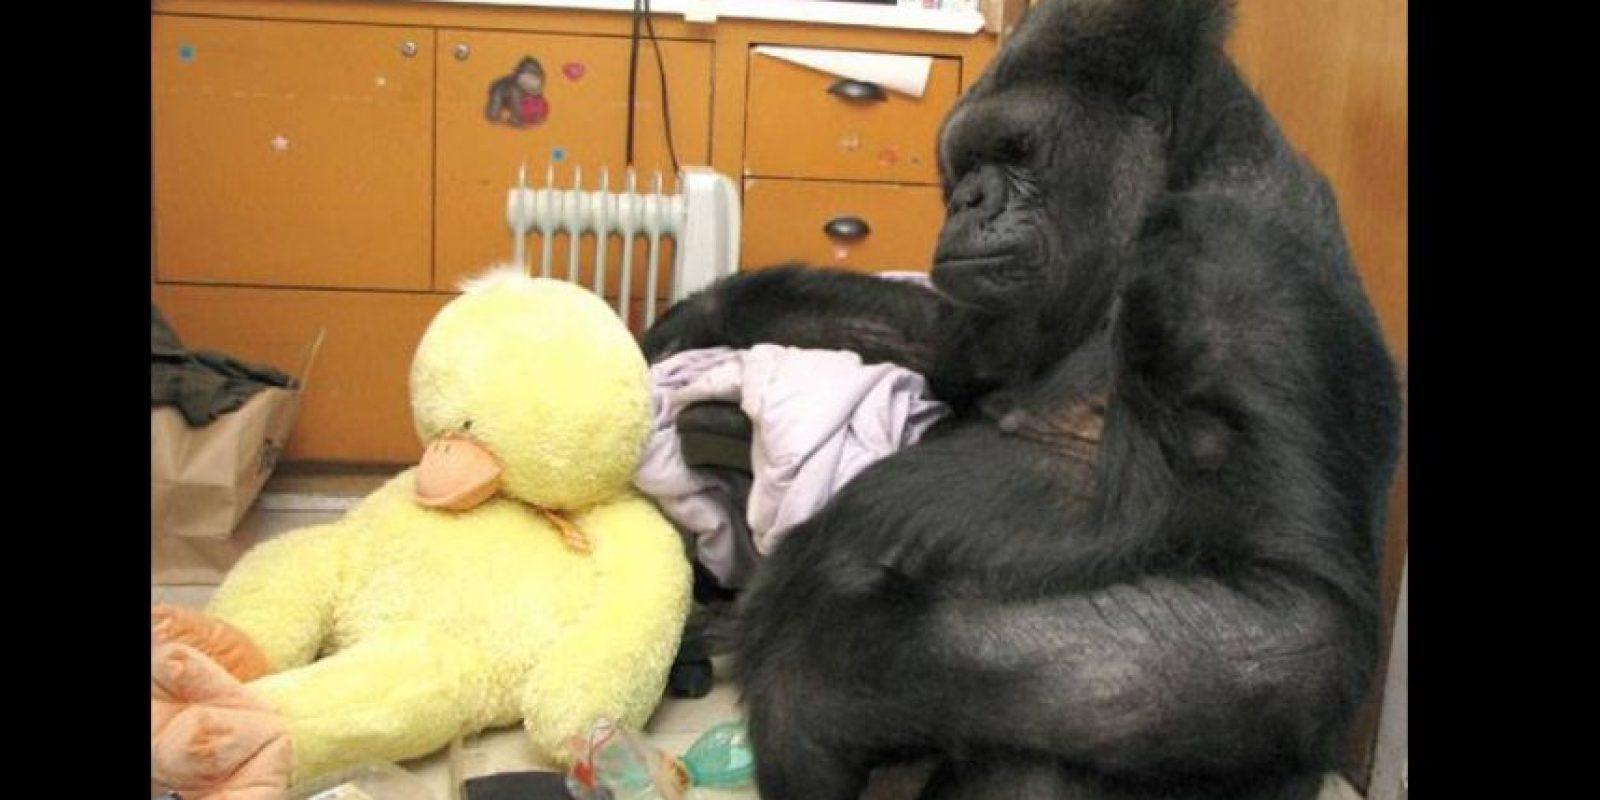 La Fundación Gorila donde vive Koko fue establecida en 1976 Foto:Vía .facebook.com/Koko-The-Gorilla-Foundation